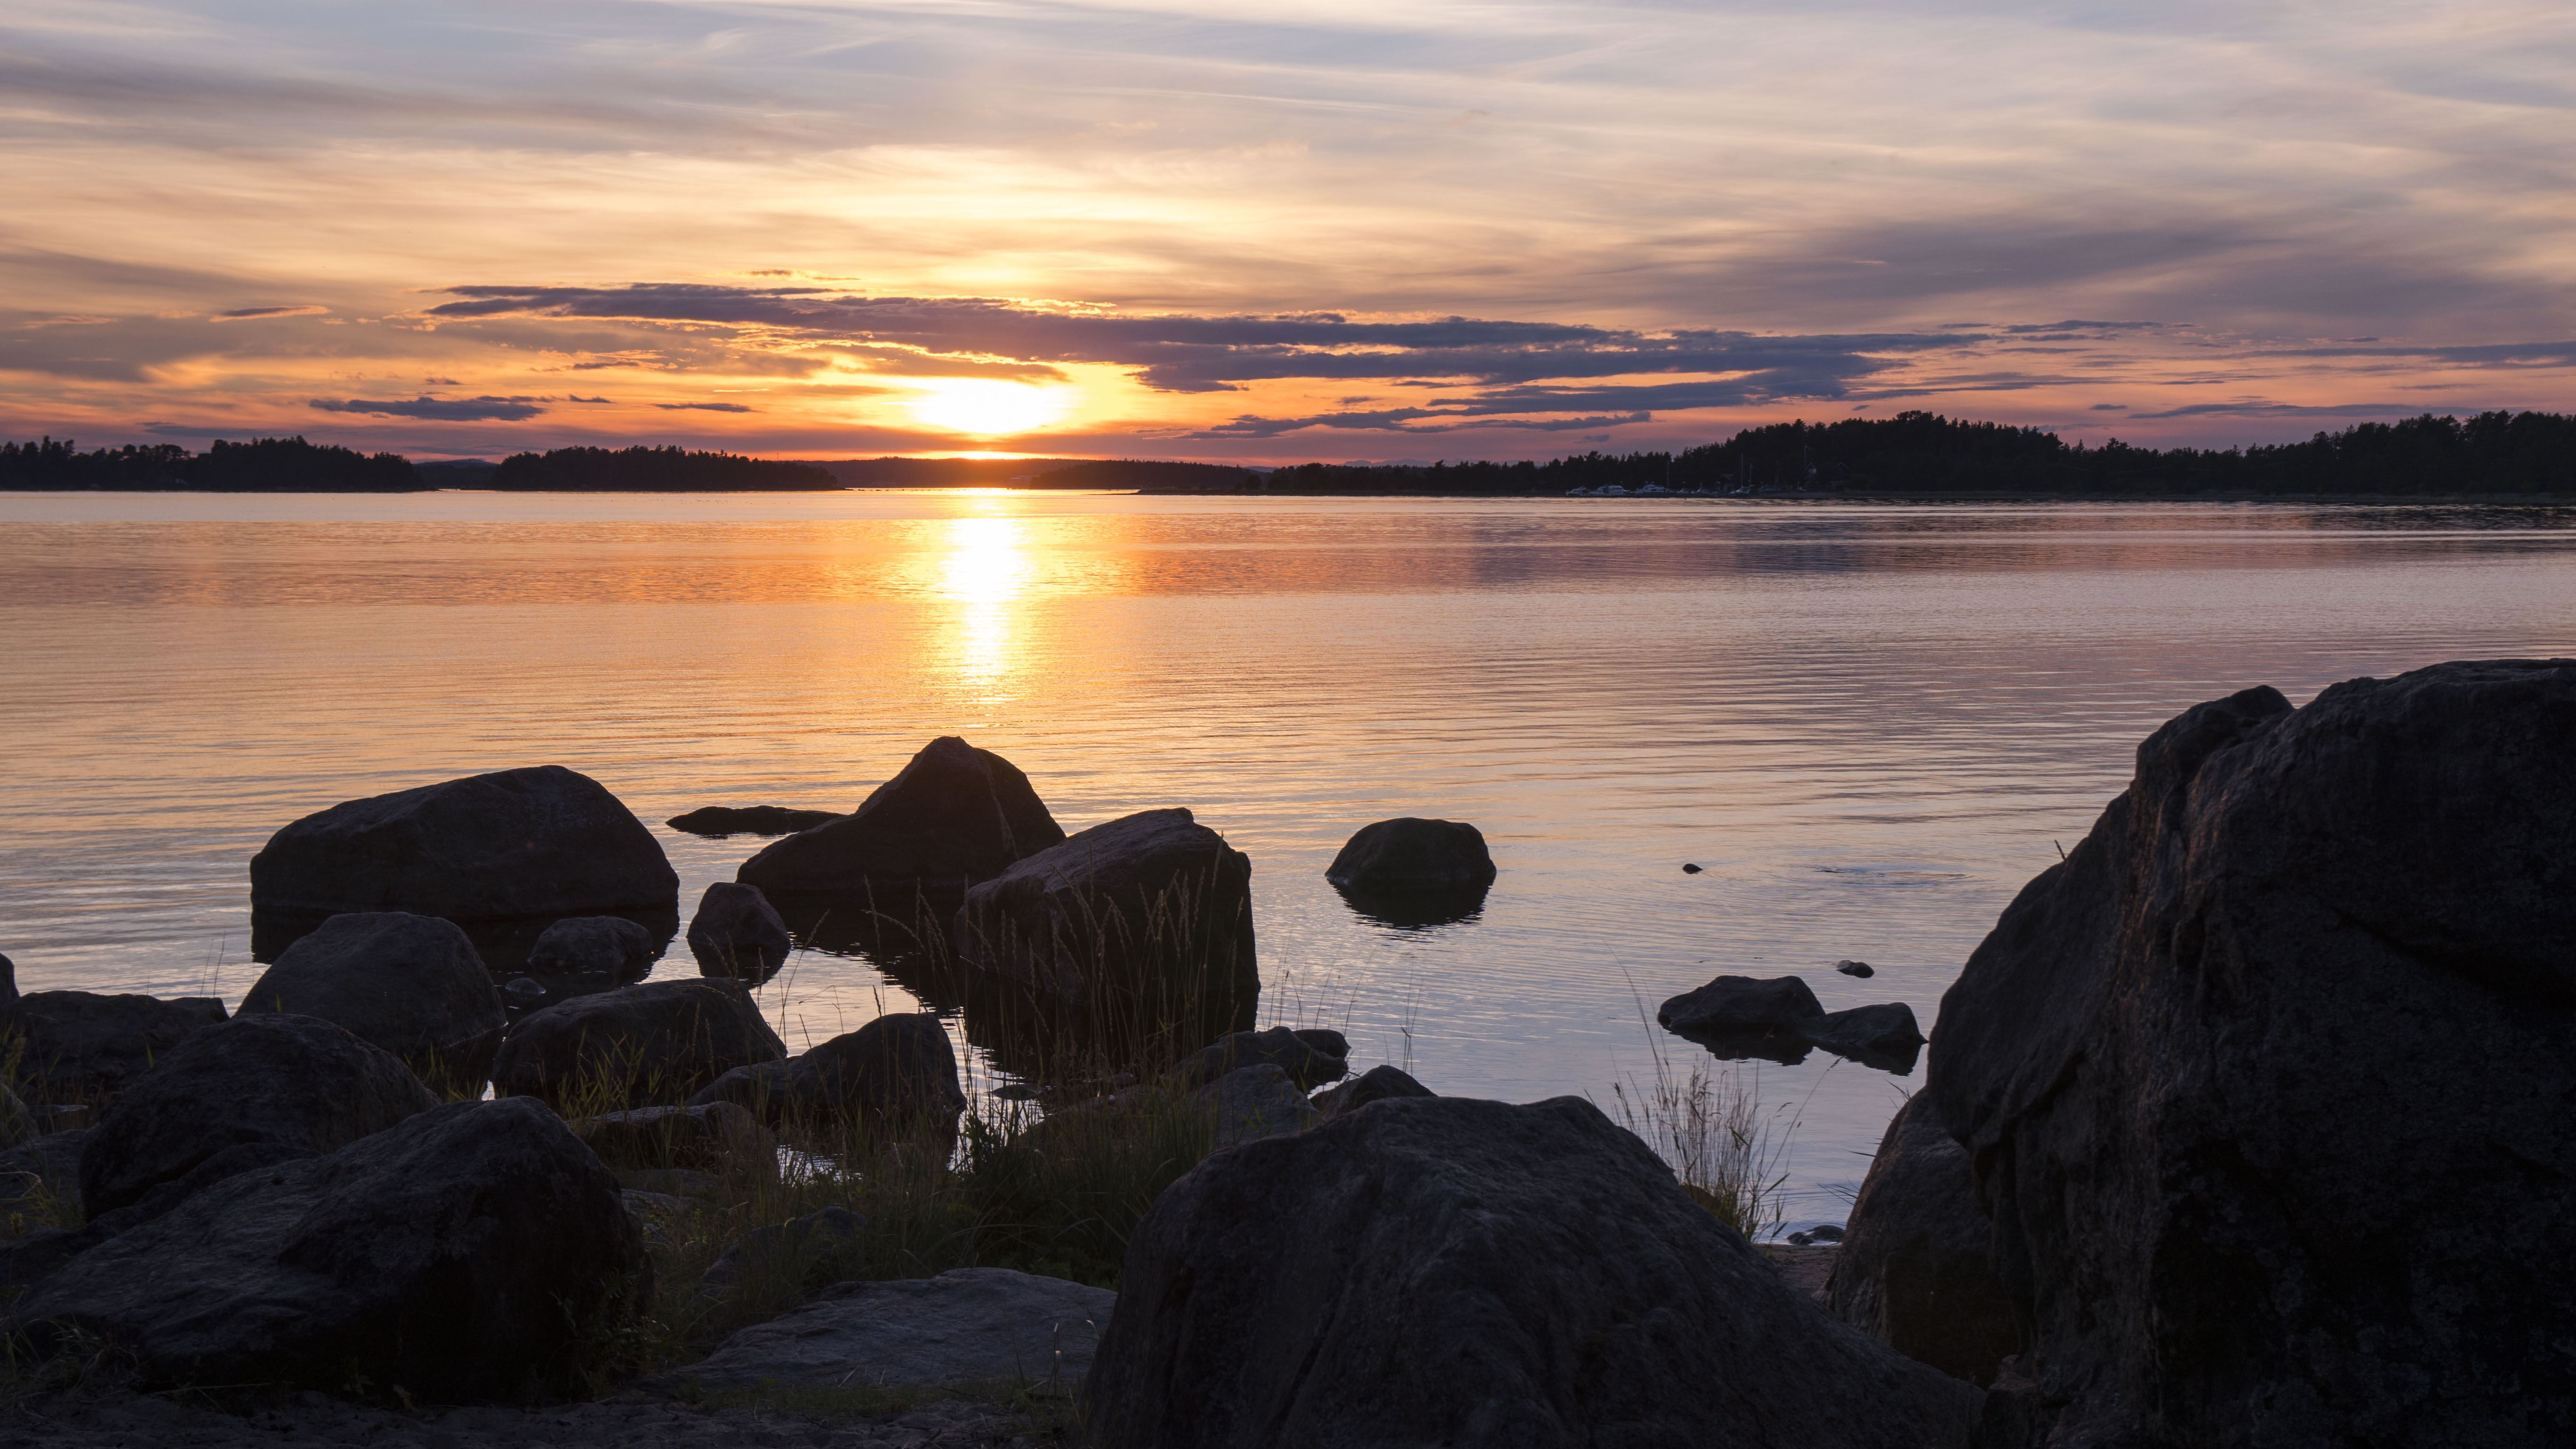 STF Söderhamn/Enskär Vandrarhem